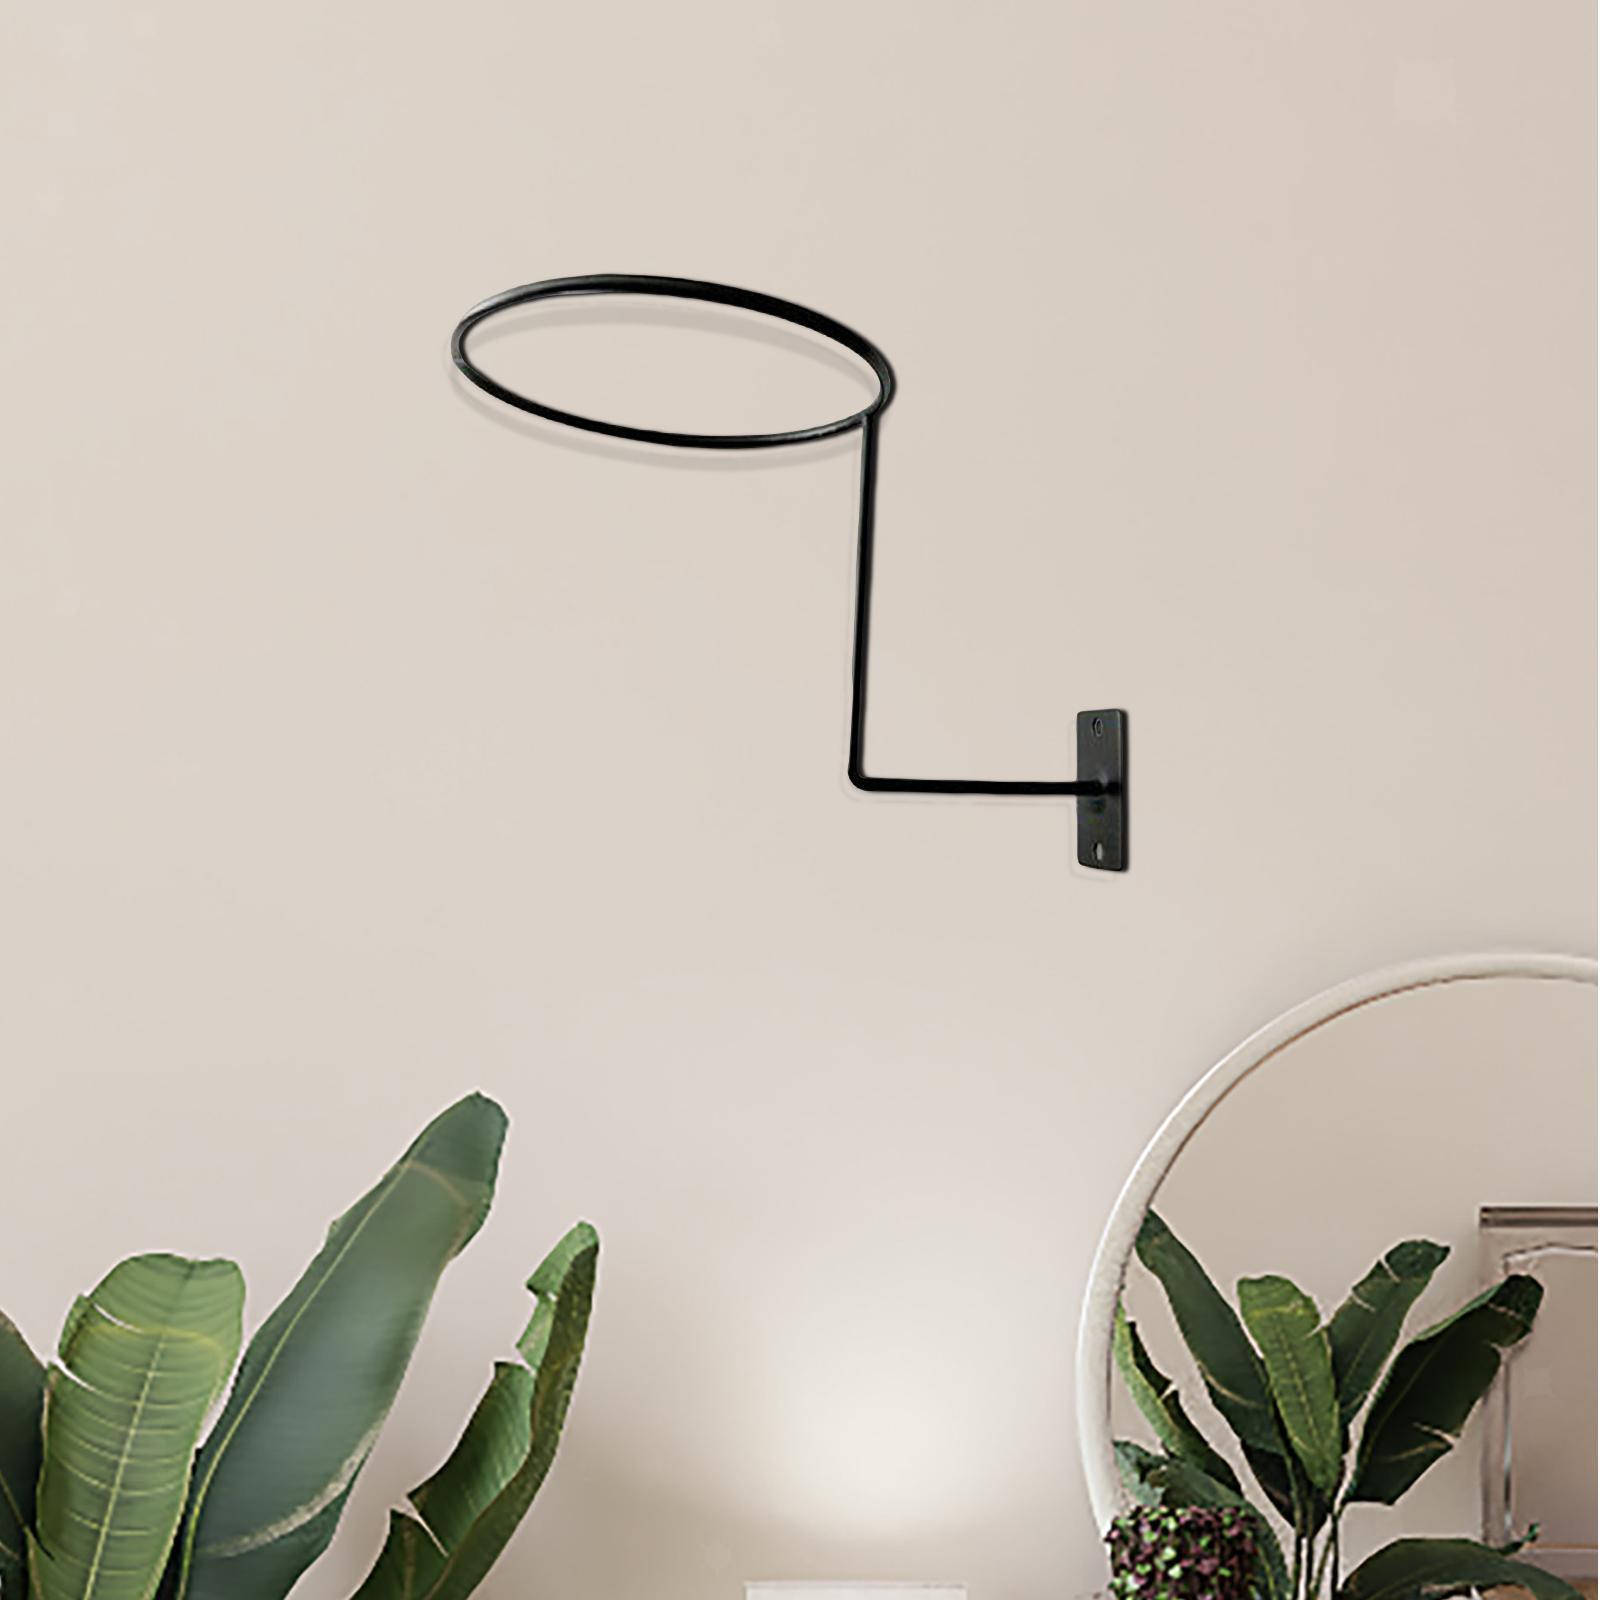 Supporto-per-casco-in-3-pezzi-supporto-per-cappello-supporto-a-muro-supporto miniatura 11